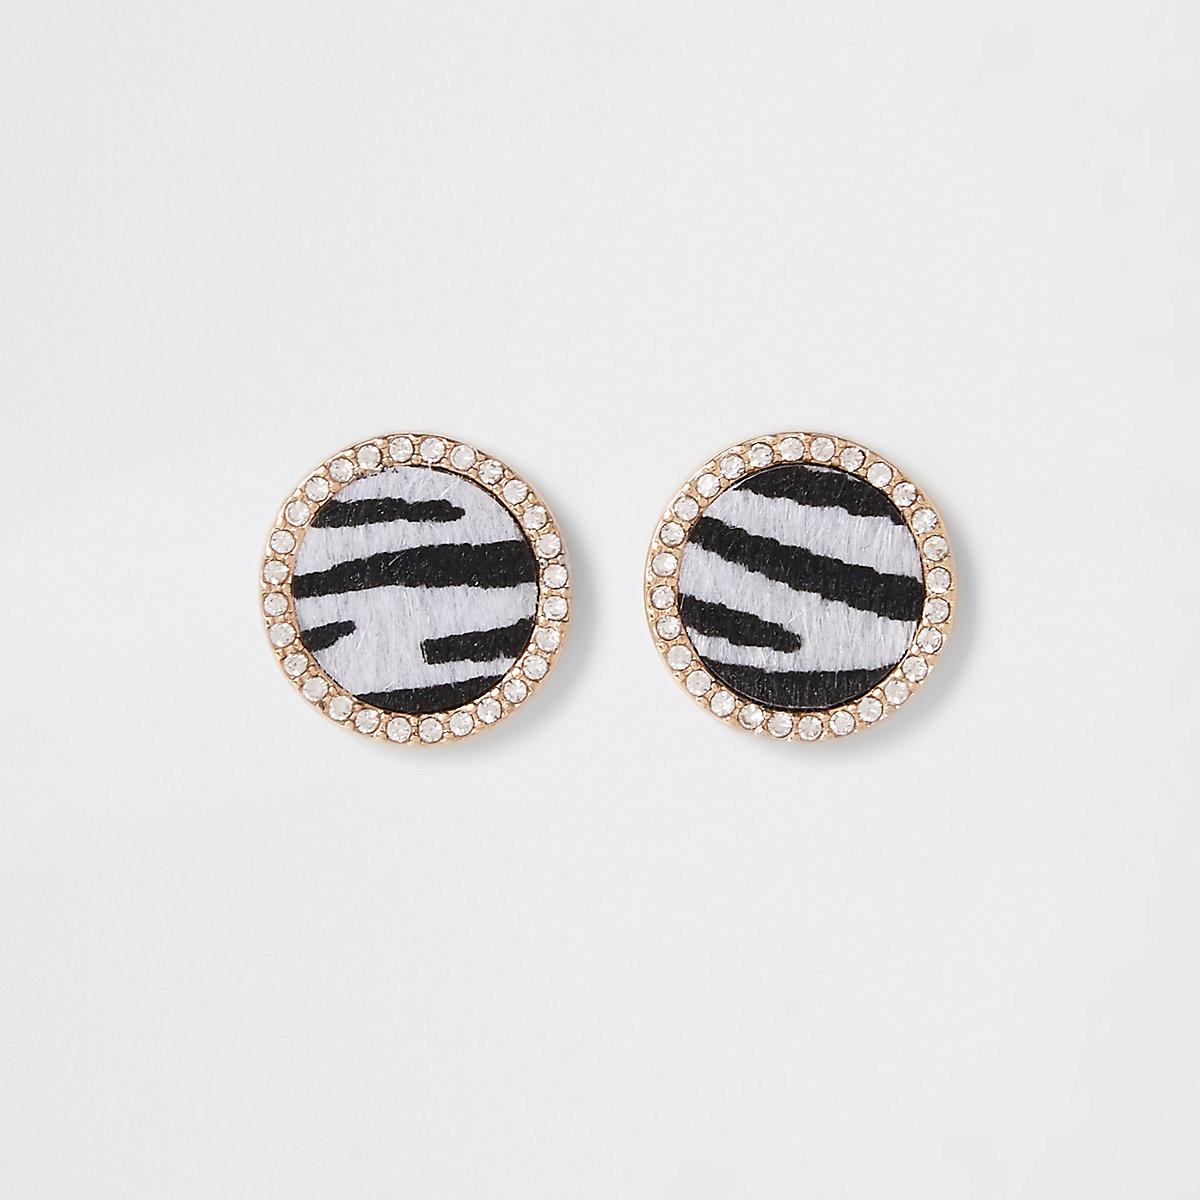 Black zebra print round studs